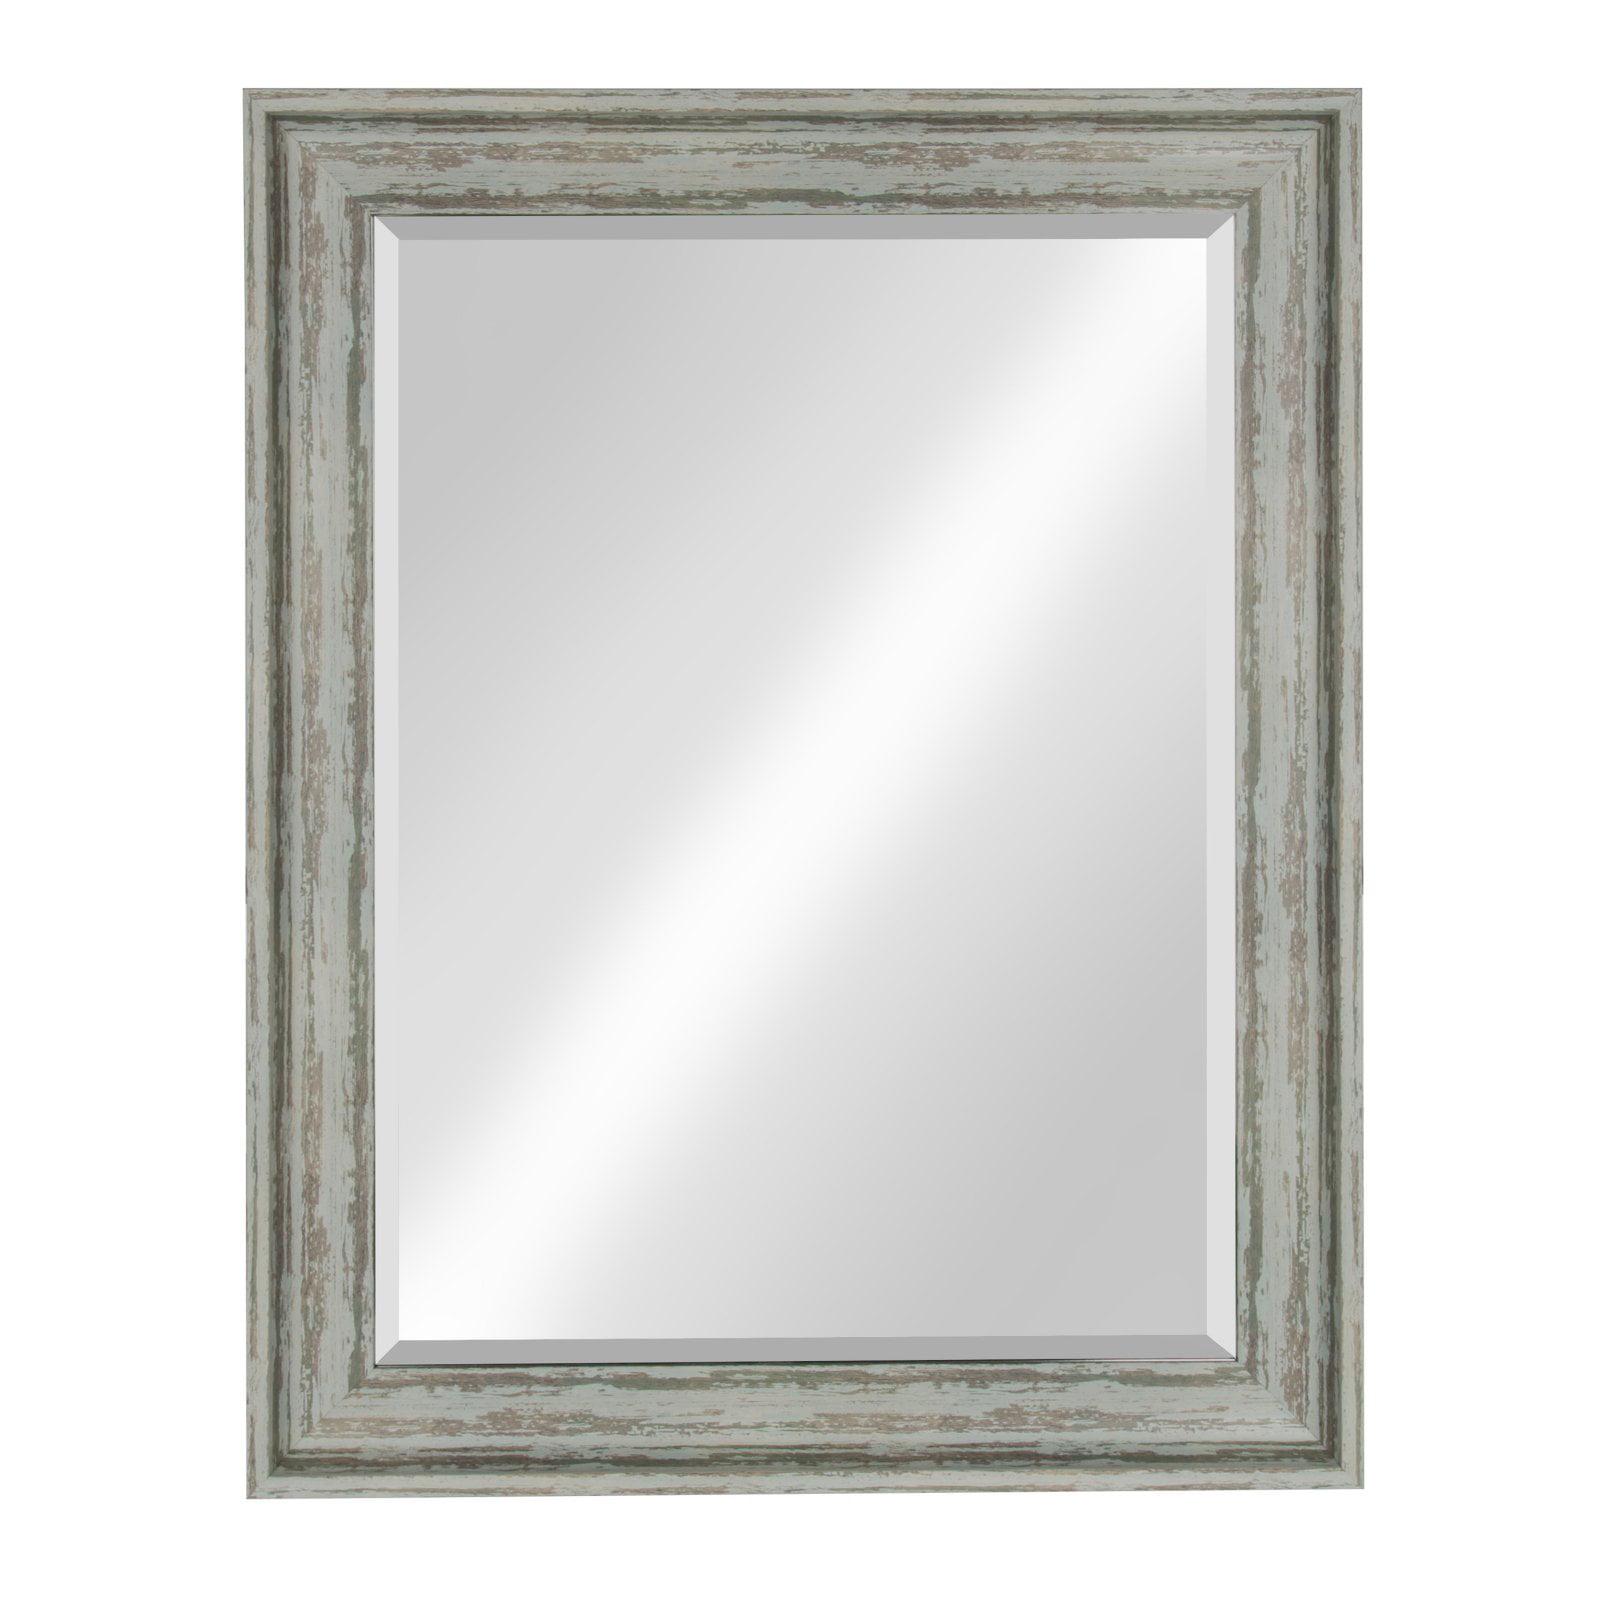 Kate and Laurel McKinley Framed Wall Vanity Mirror